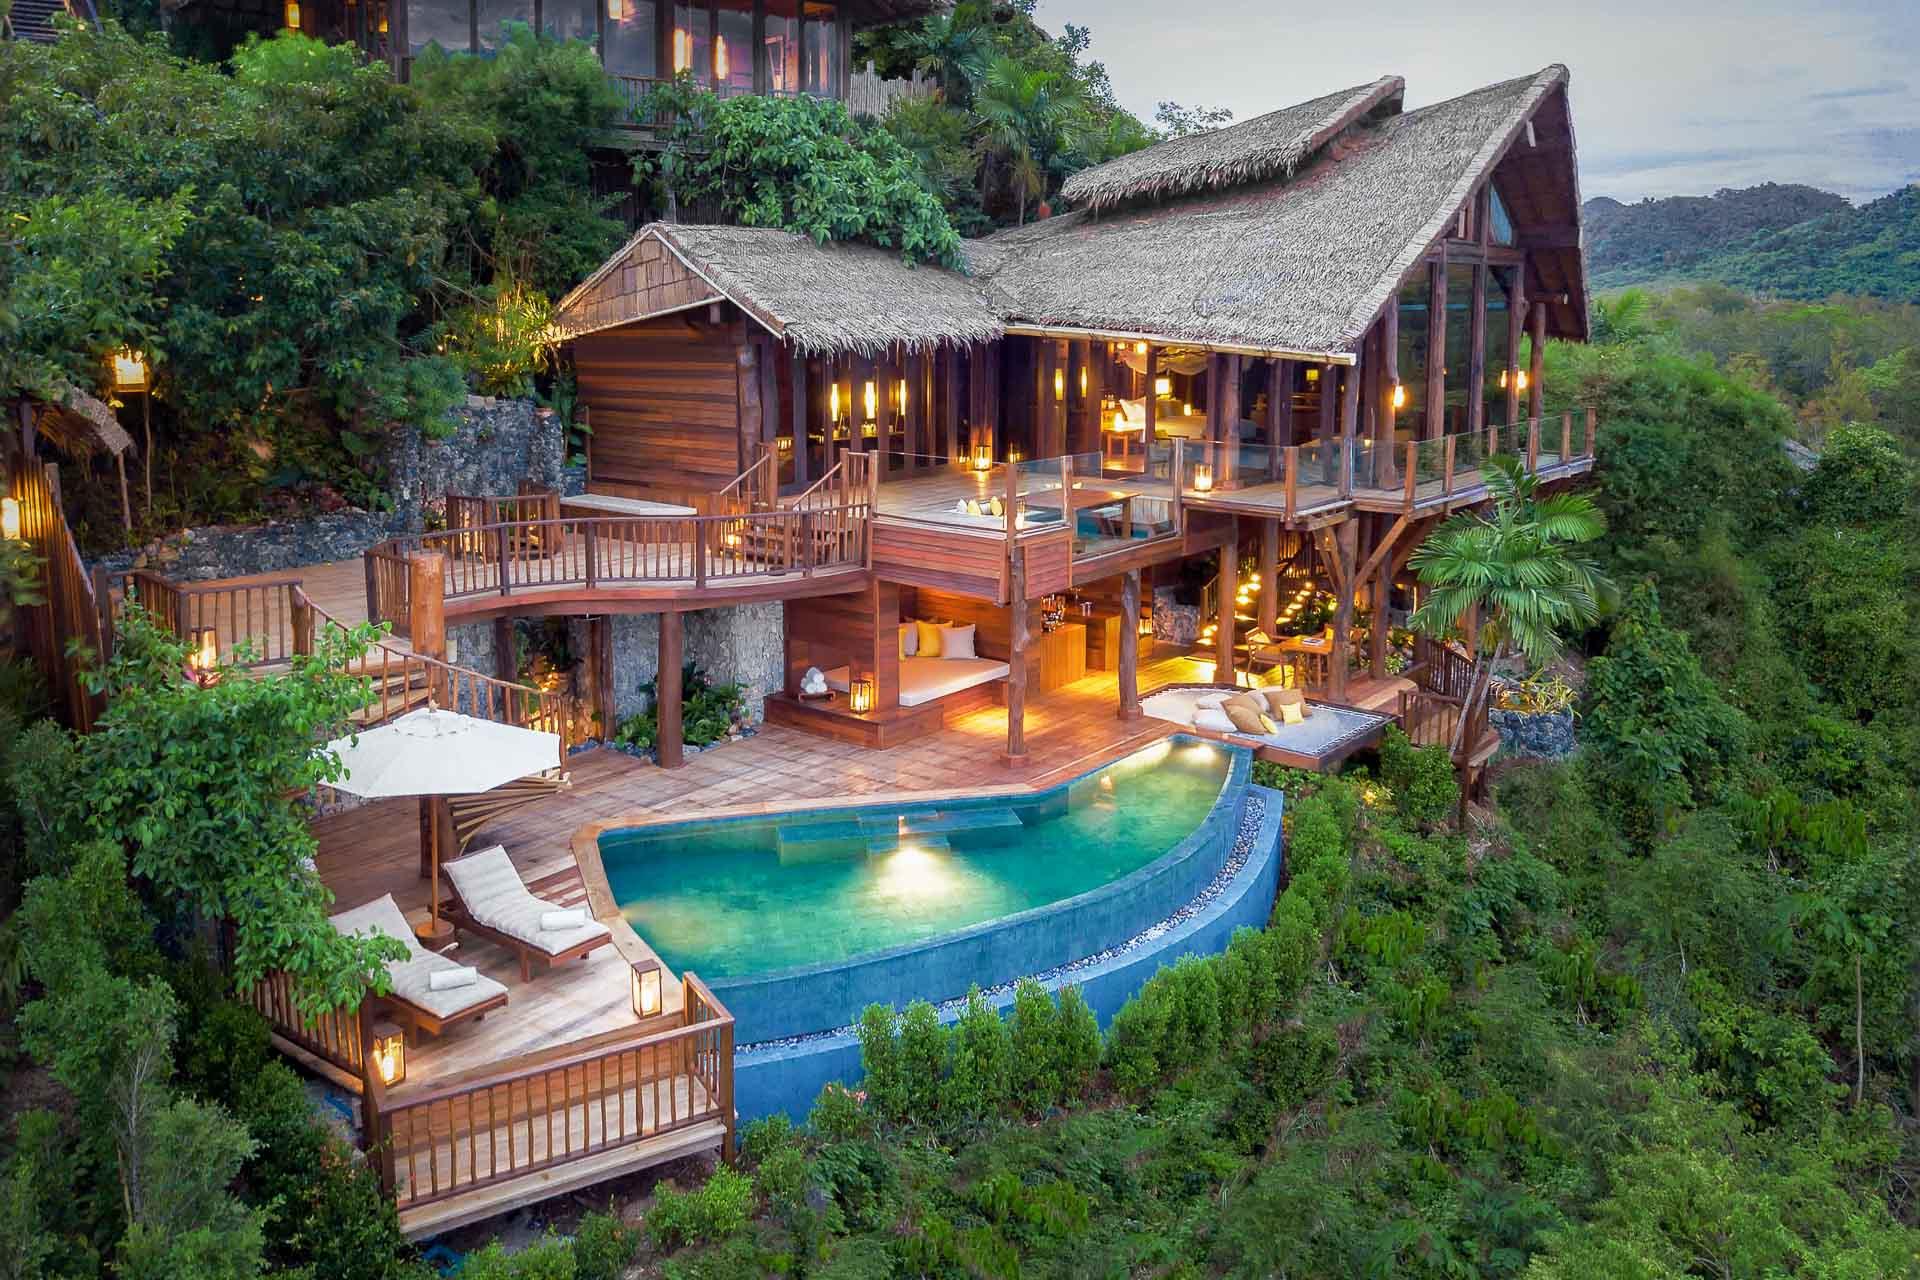 Entre Phuket et Krabi en Thaïlande, le Six Senses Yao Noi s'agrandit avec l'ouverture d'une villa privée aussi luxueuse que romantique. Vues imprenables sur la baie de Phang Nga, piscine à débordement, salle de cinéma, tous les ingrédients sont réunis pour passer un moment d'exception.